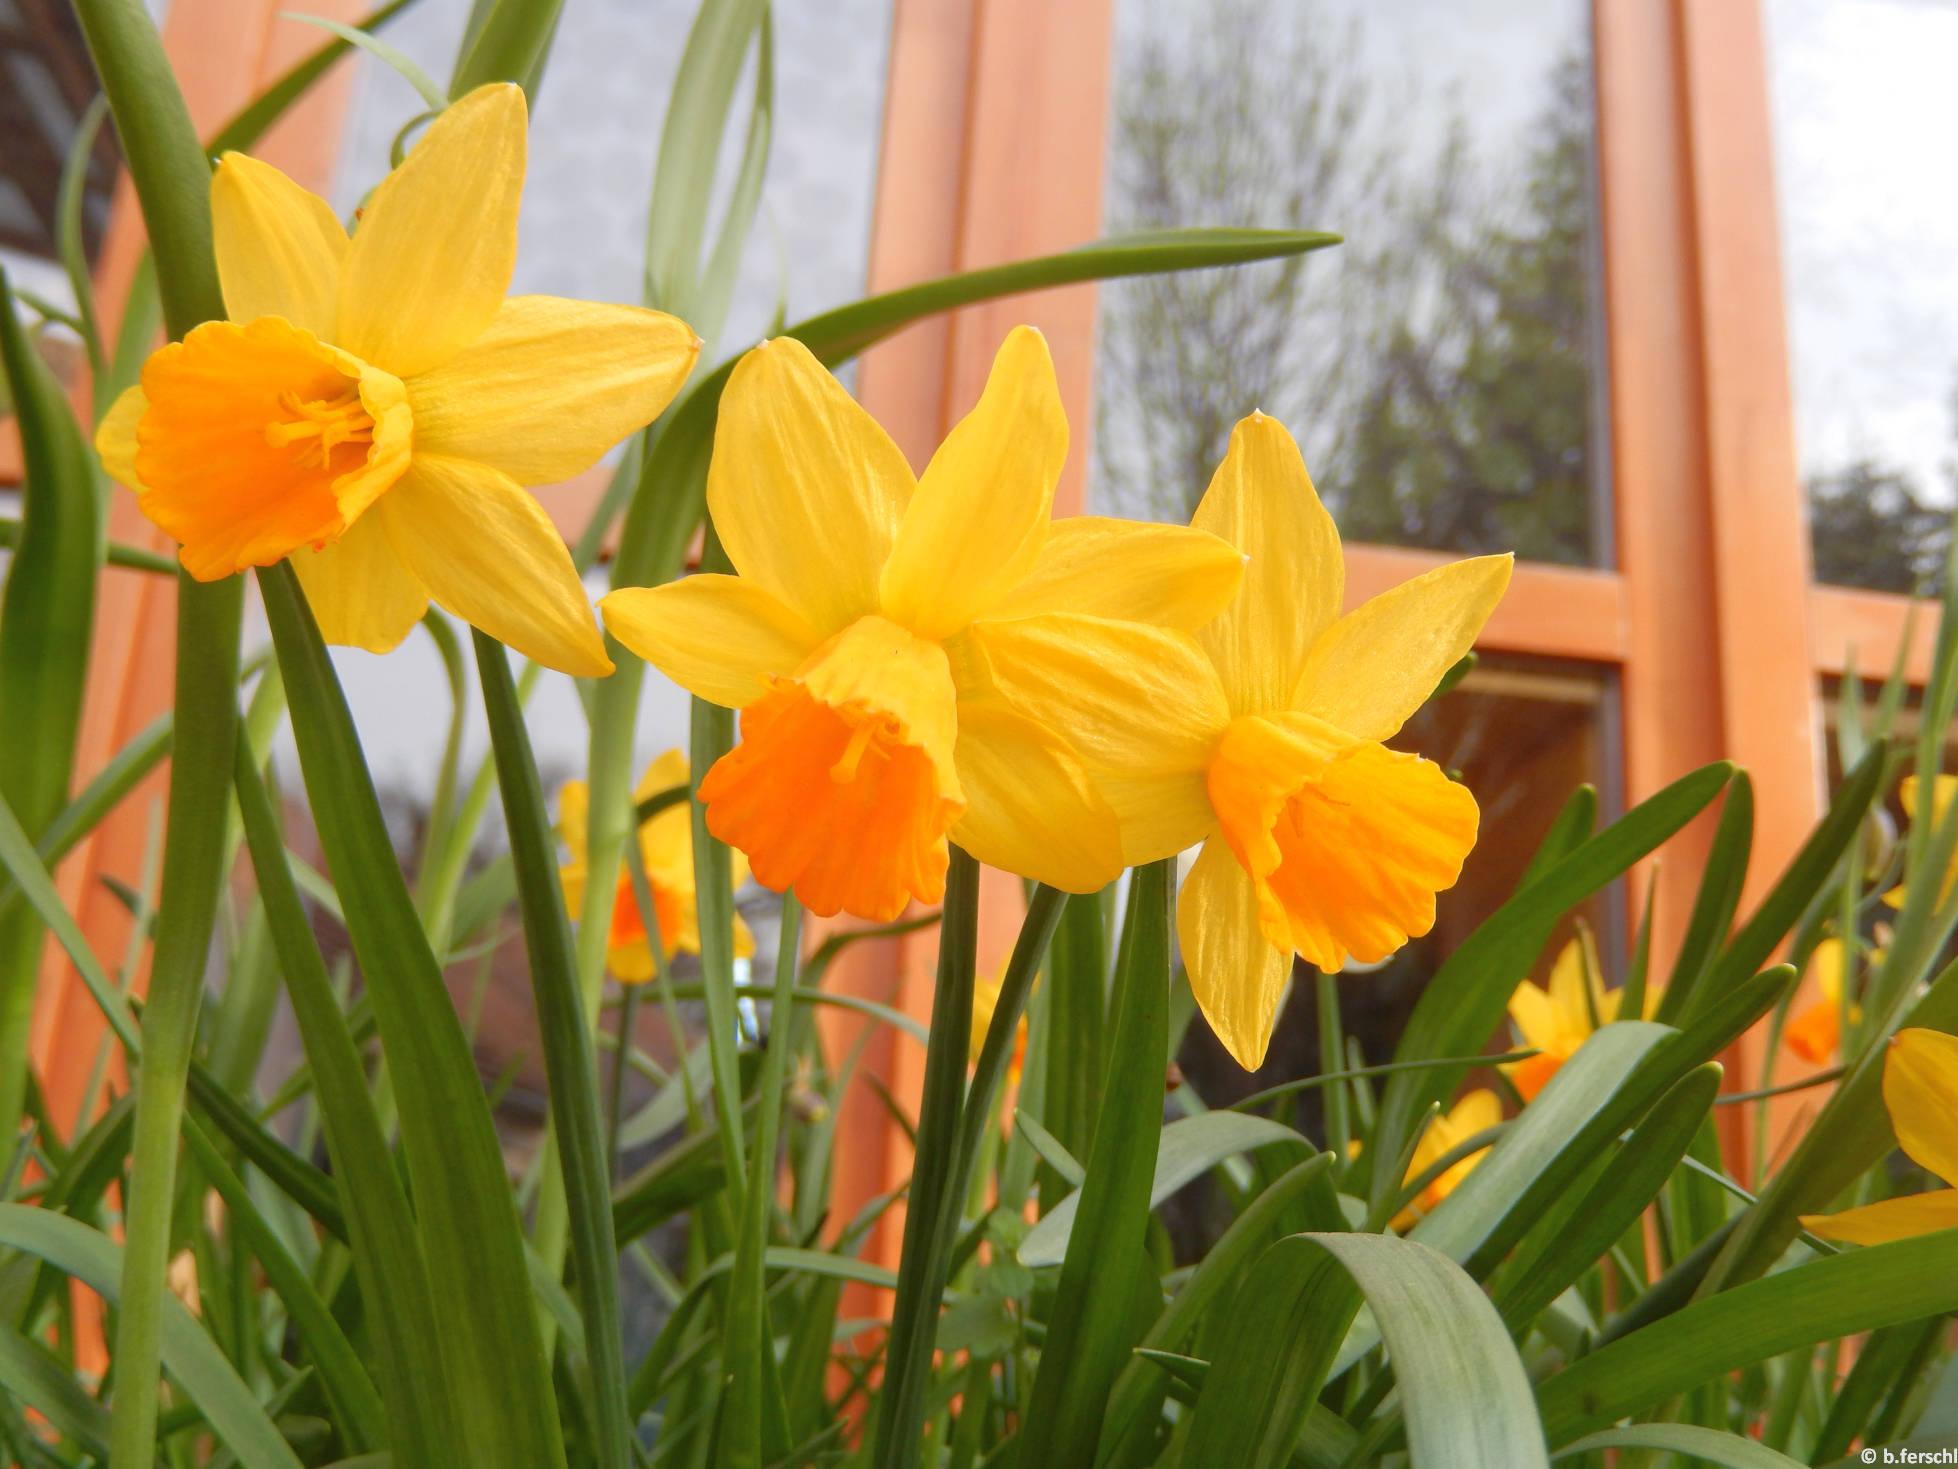 Bókoló nárcisz a Berkenyeház előtt (Narcissus cyclamineus 'Jack Snipe'